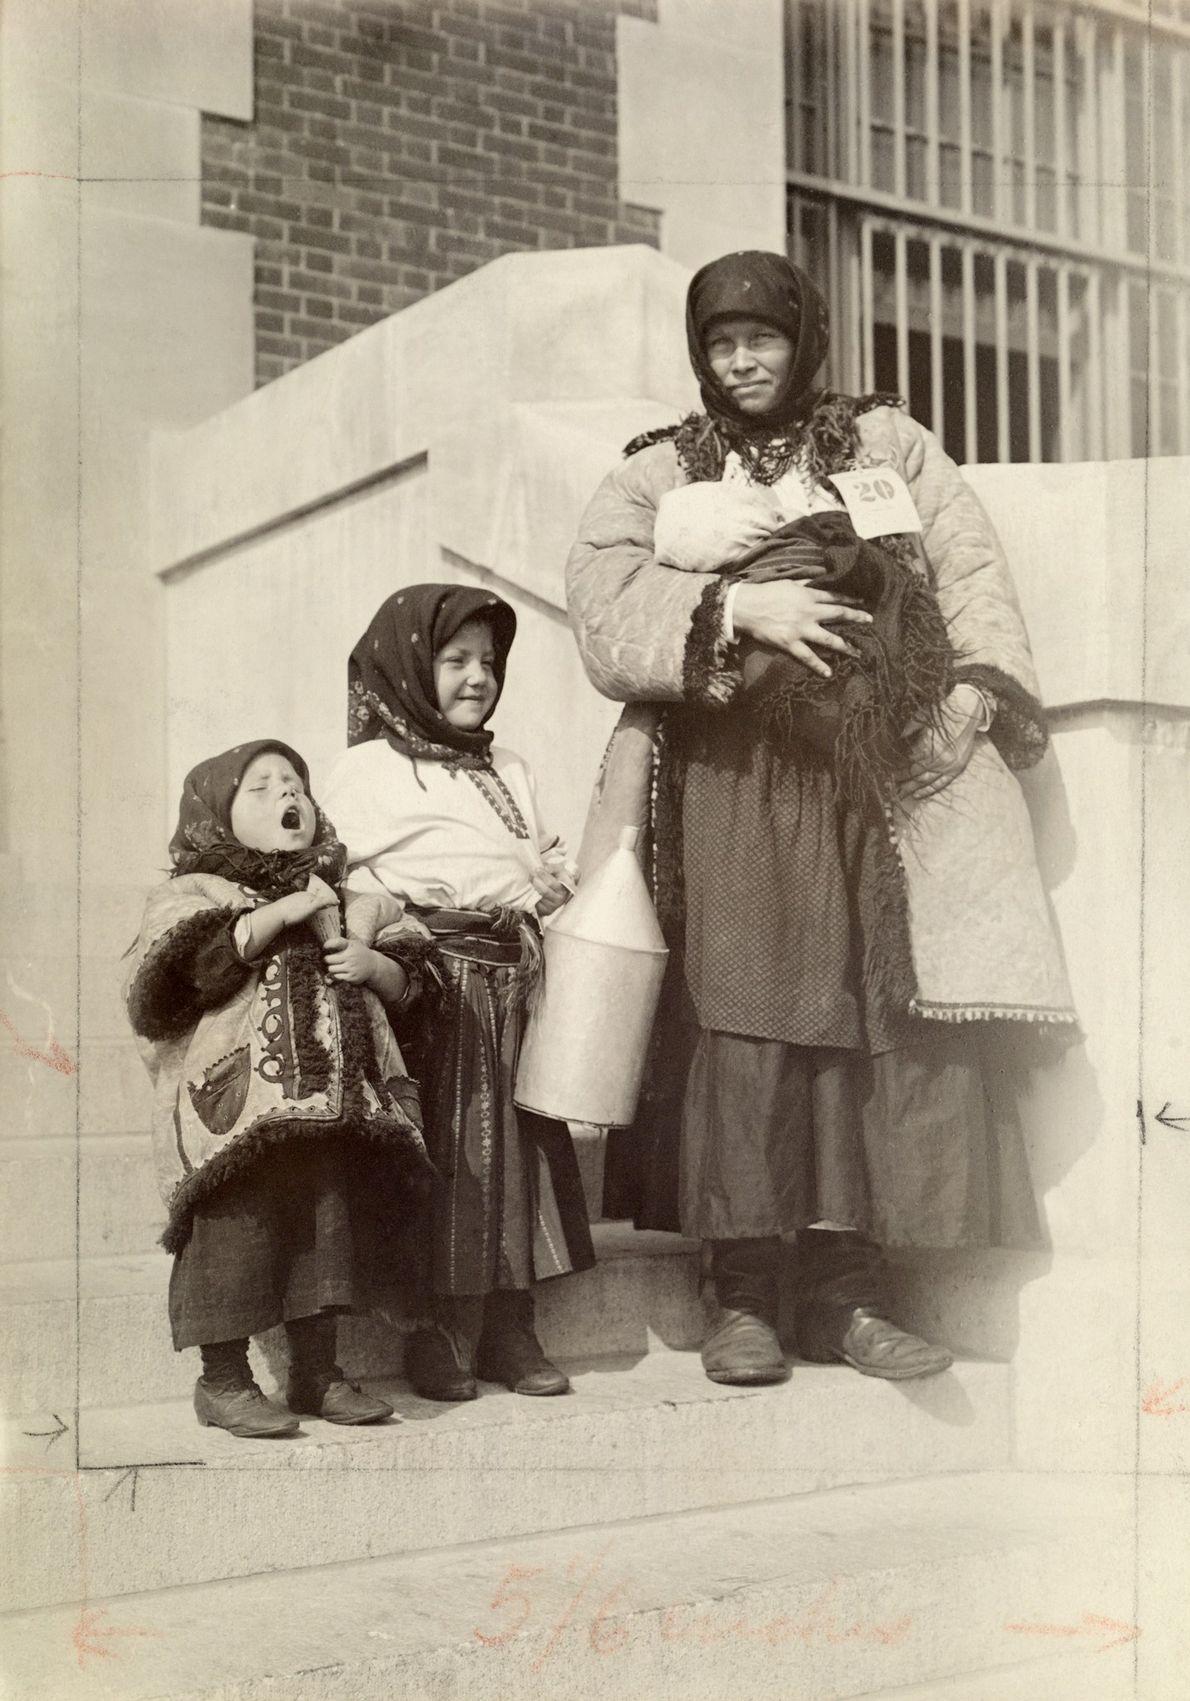 Eine walachische Immigrantin mit ihren drei Kindern.